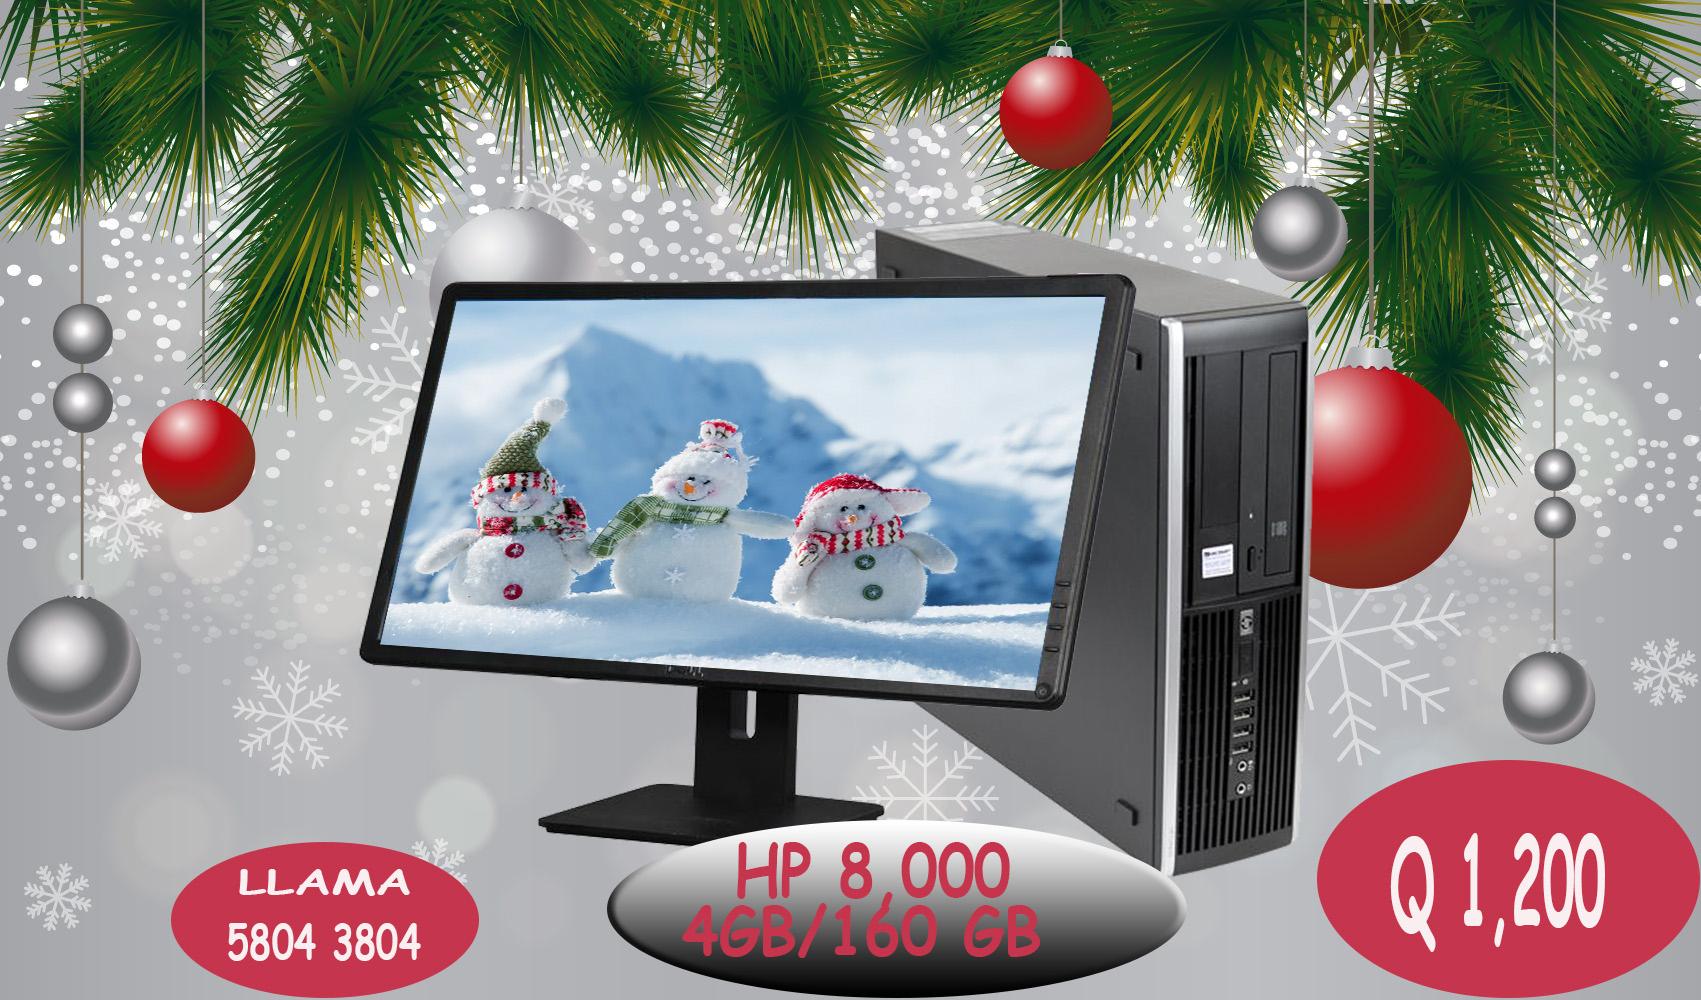 gran venta de computadoras HP CORE 2DUO DDR3